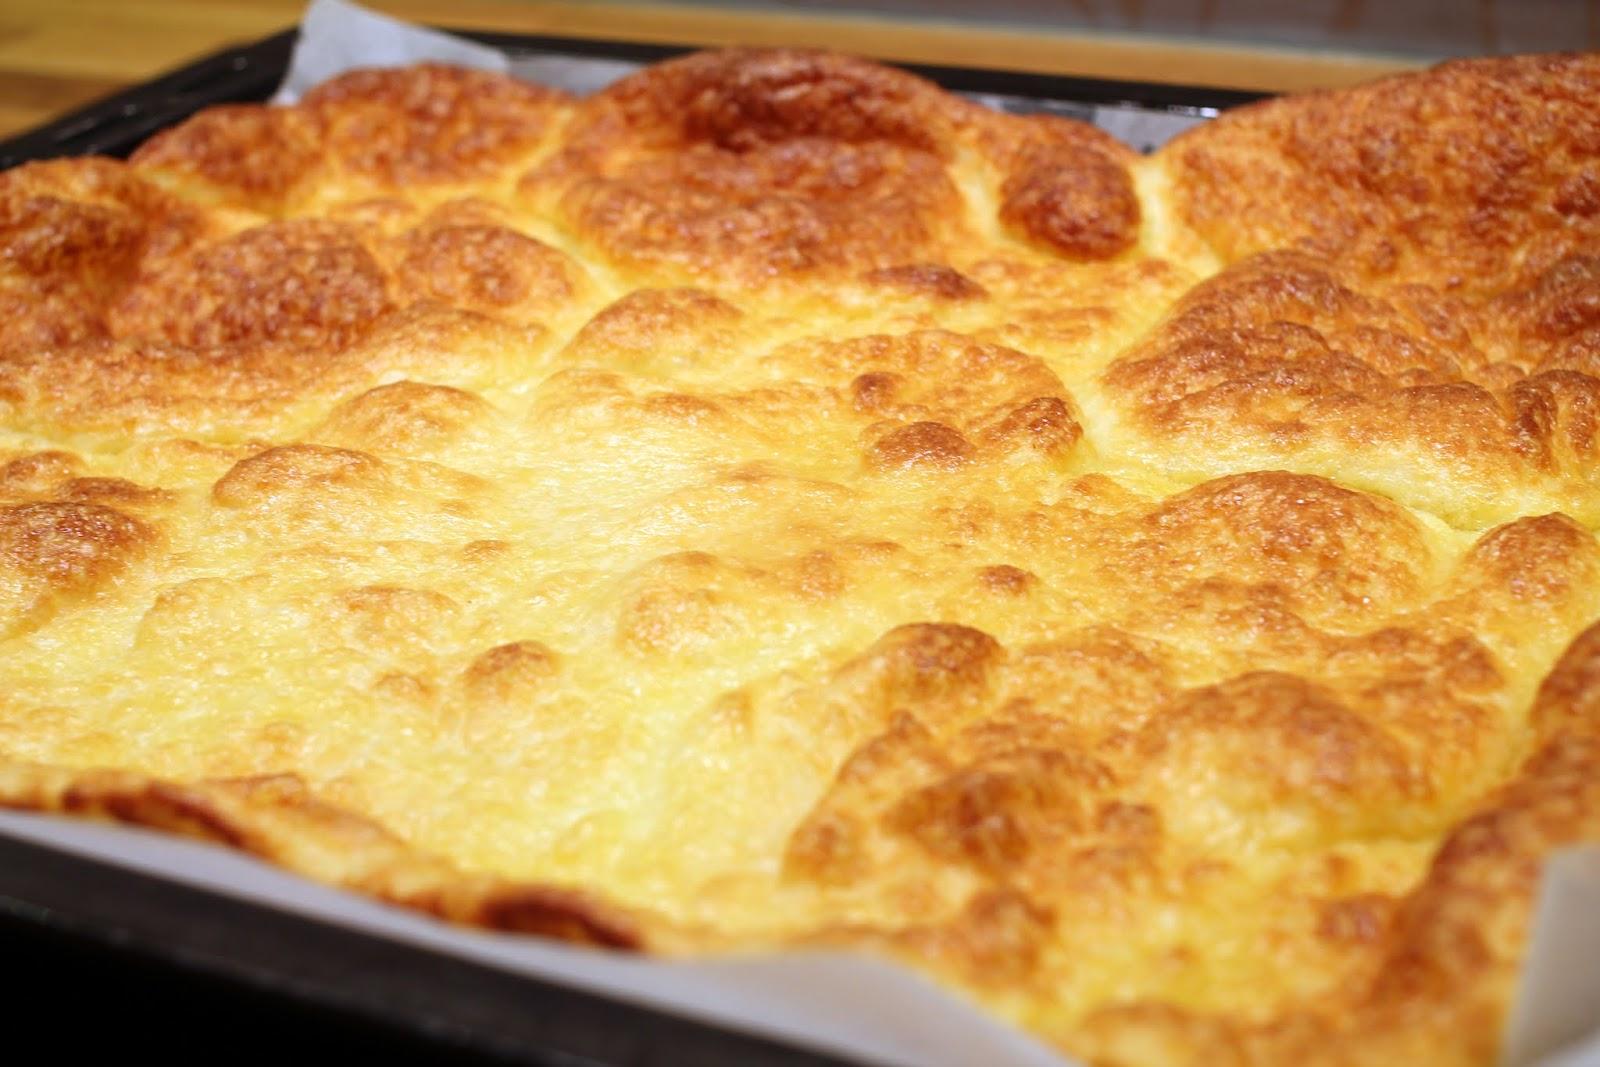 täydellinen pannukakku, safkaa, maailman paras pannukakku, safkaa2, safkaa maanantaista torstaihin